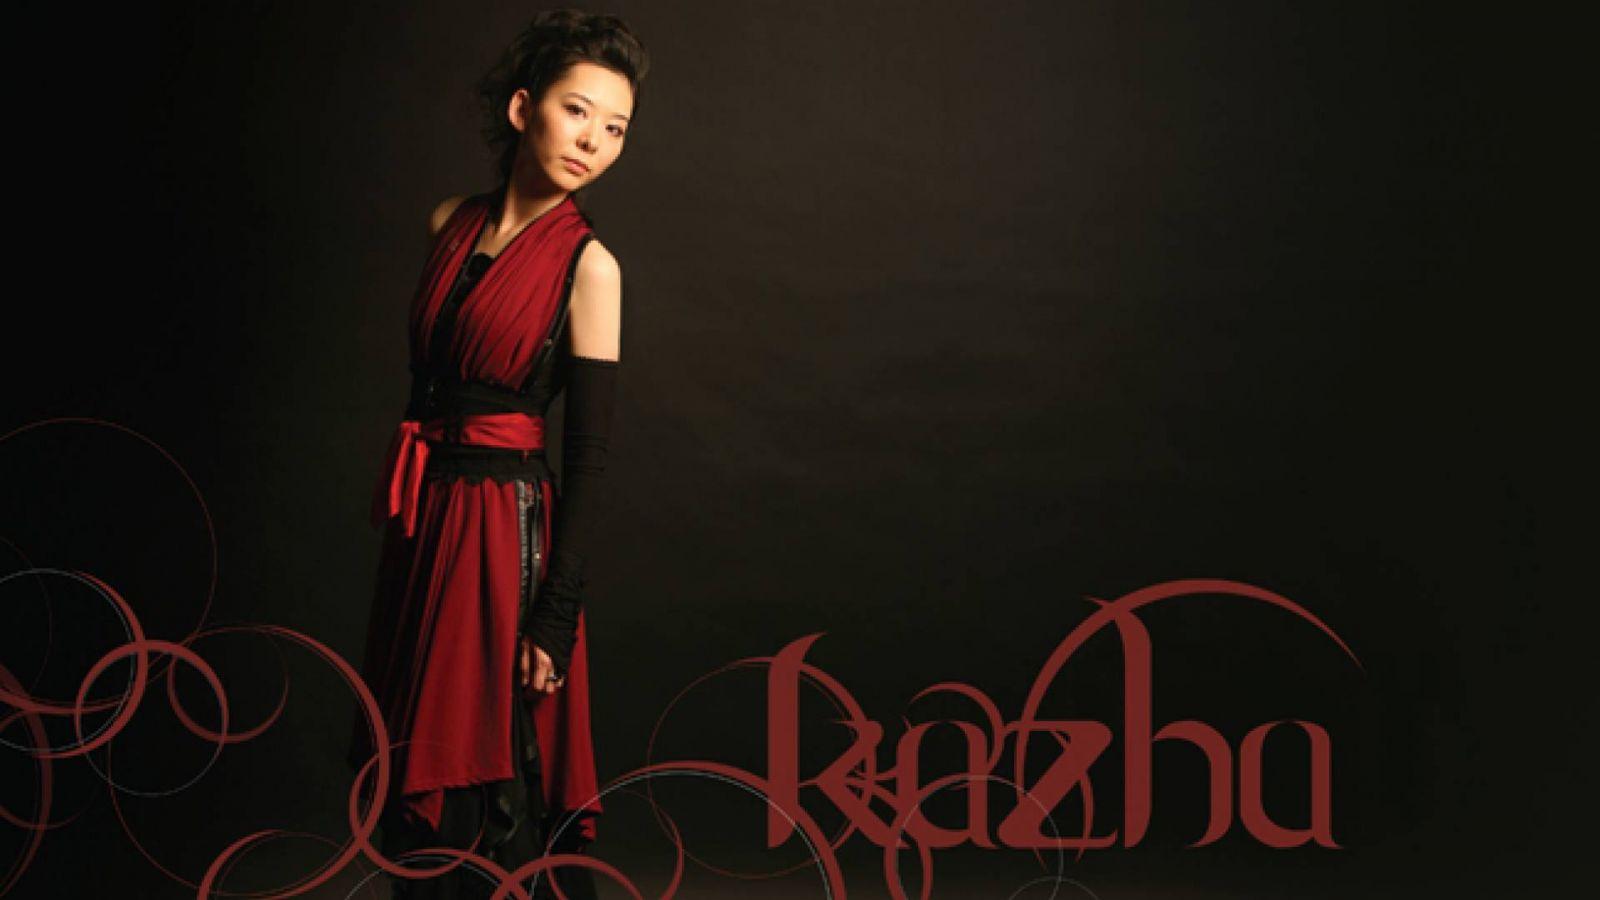 Kazha © kazha